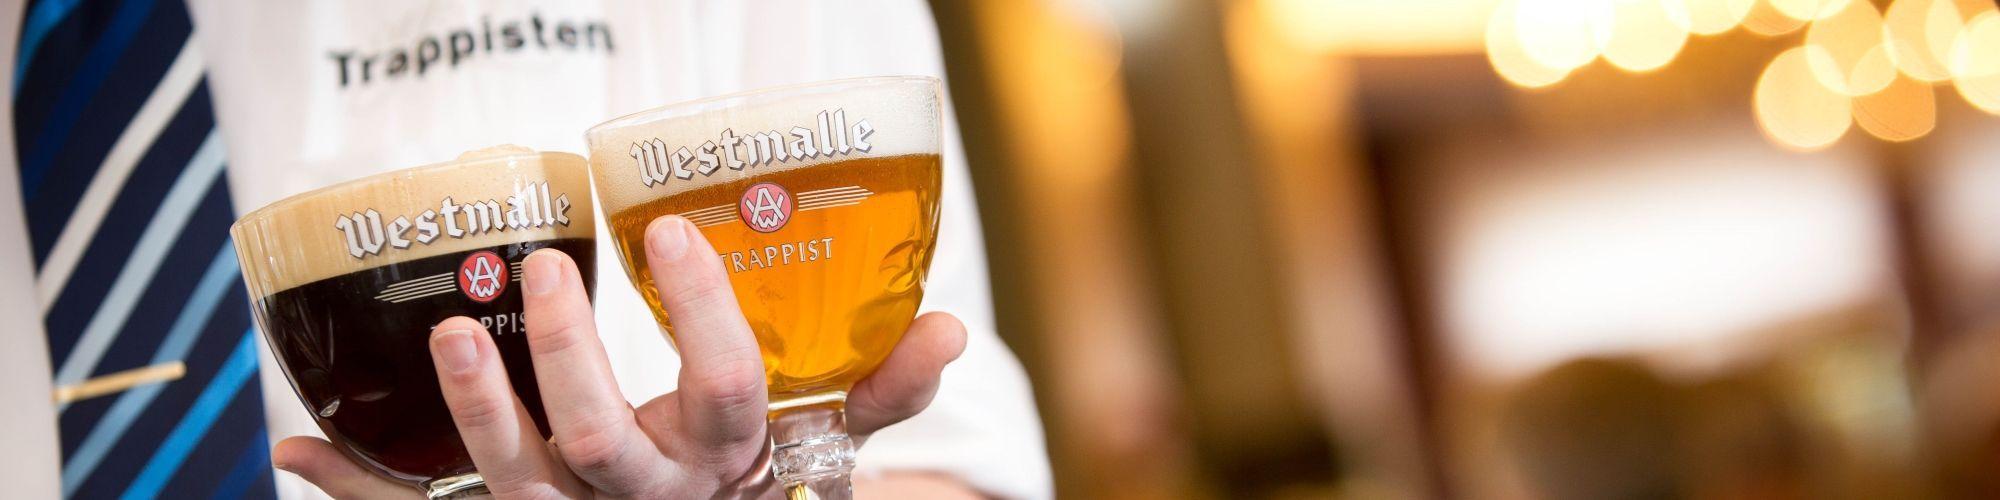 Garçon apportant deux verres de Westmalle Dubbel et Tripel